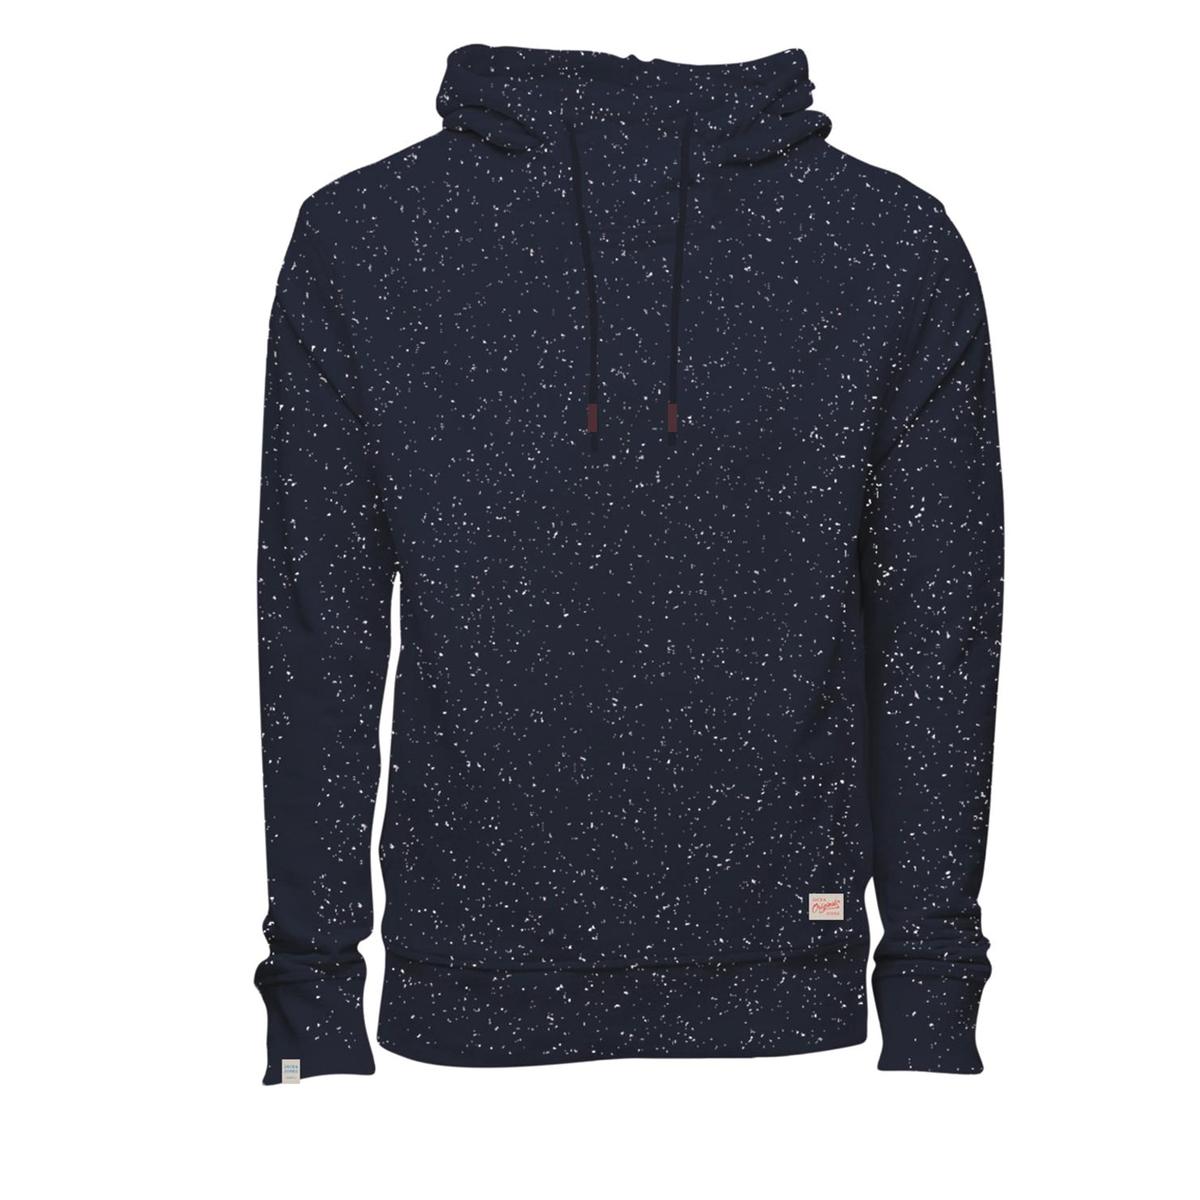 Пуловер с капюшономСостав и описание :Материал : 100% хлопокМарка : JACK &amp; JONES<br><br>Цвет: синий морской<br>Размер: S